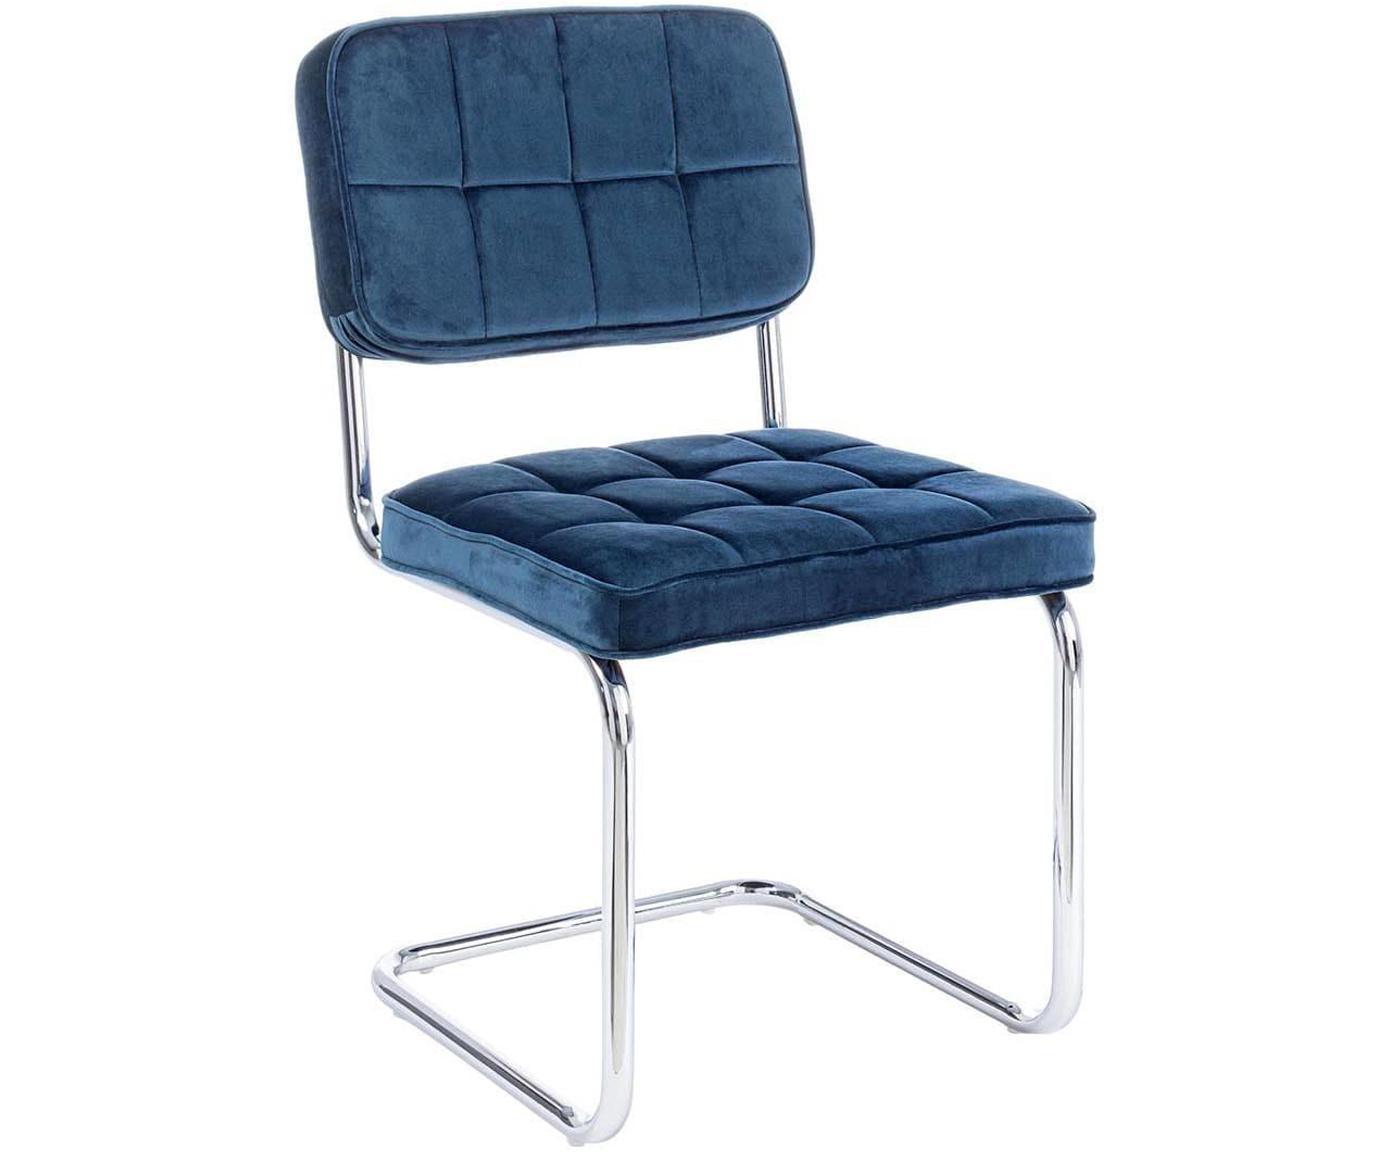 Silla cantilever de terciopelo Iole, Estructura: acero cromado, Tapizado: terciopelo (100% poliéste, Azul, An 46 x Al 84 cm